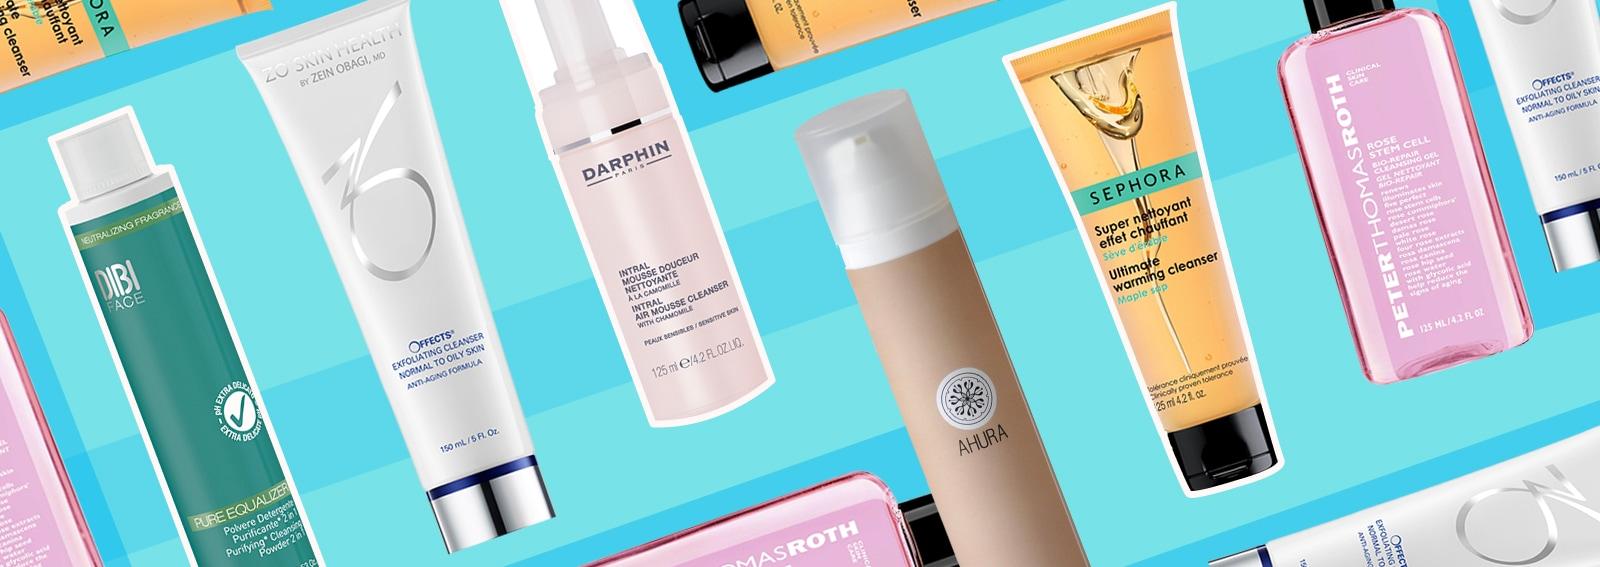 cover-Detersione 10 prodotti per le pelli impure-desktop